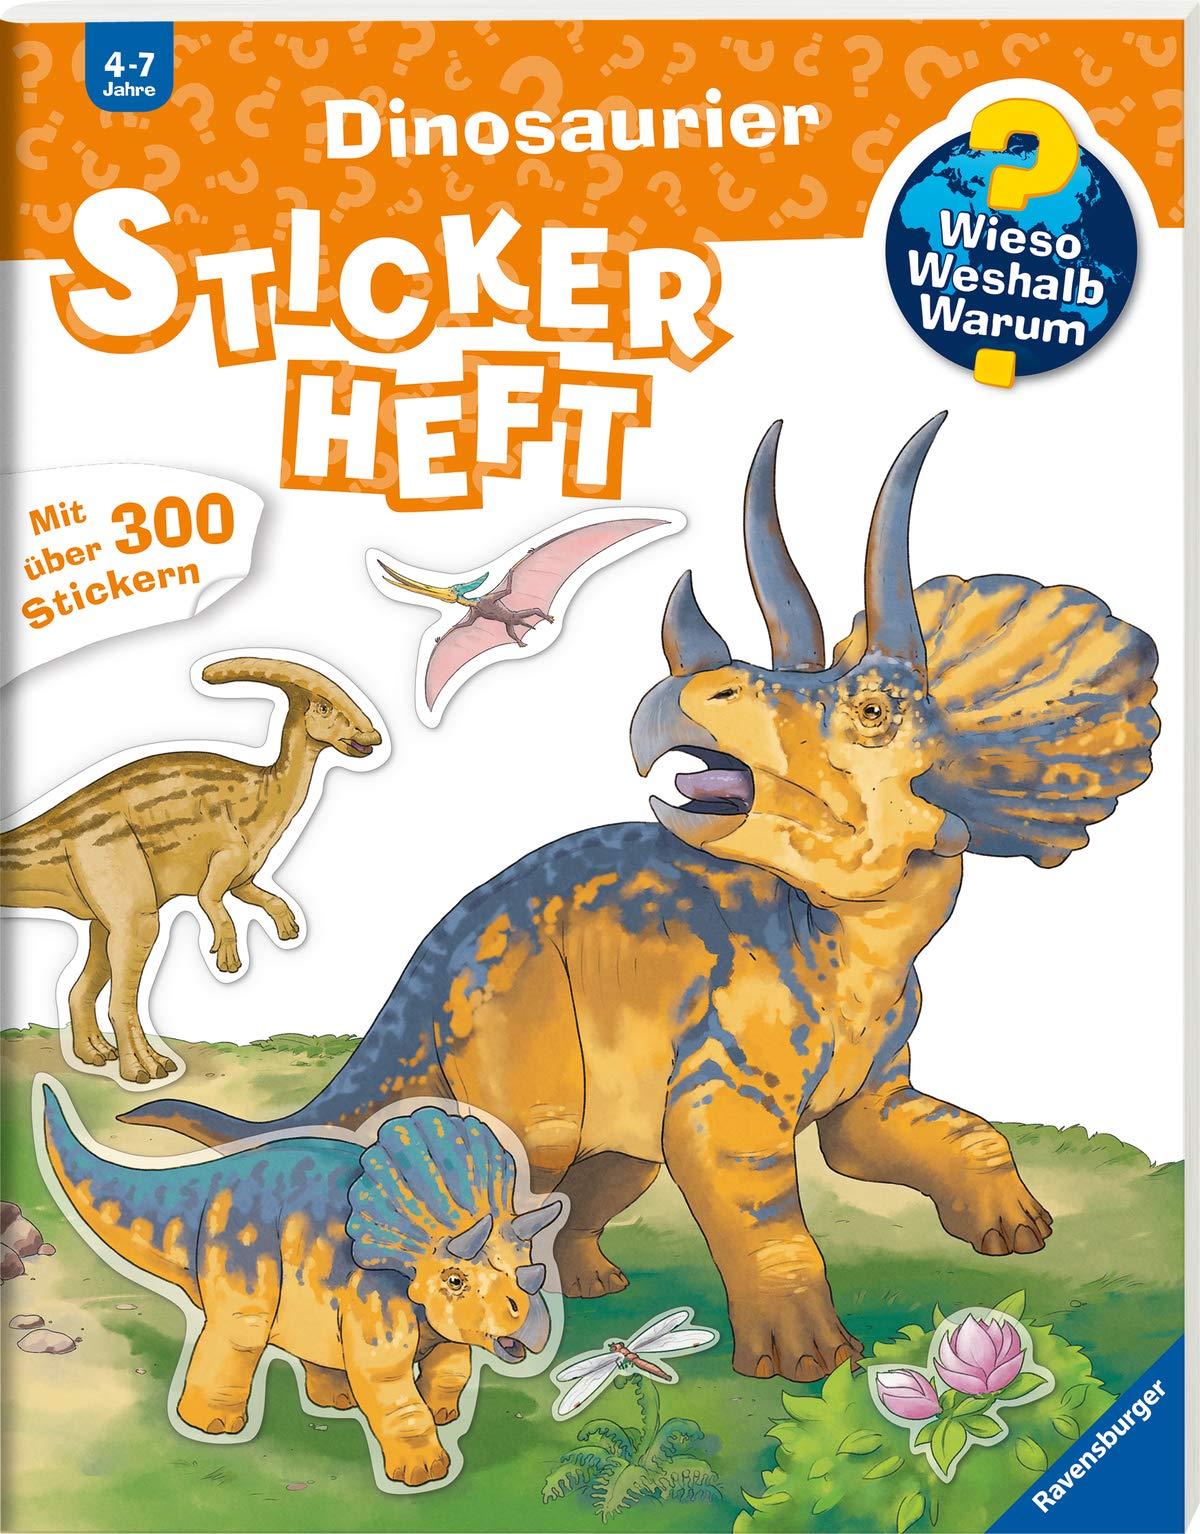 Dinosaurier  Wieso  Weshalb  Warum  Stickerheft